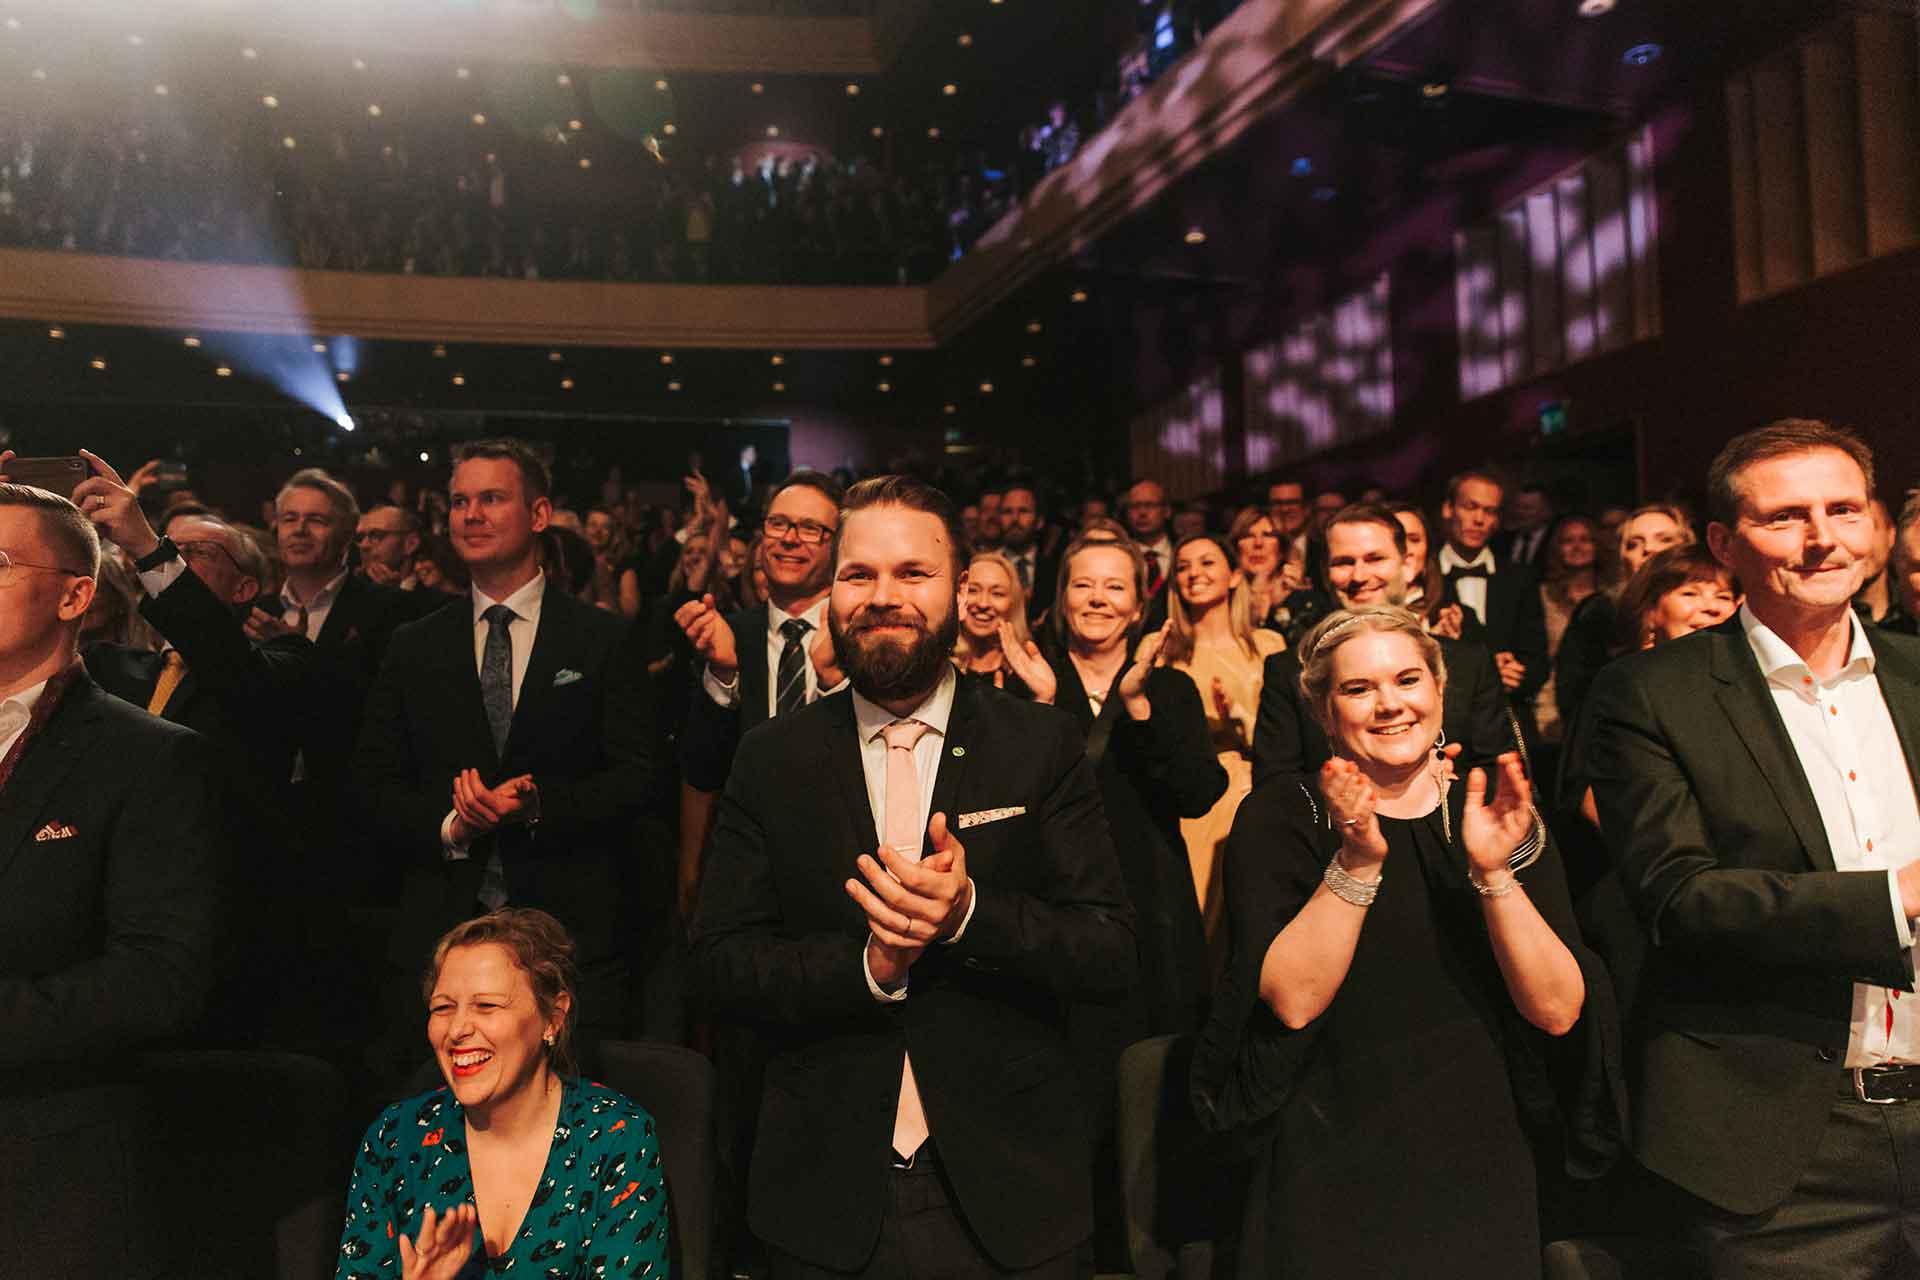 Publikhav på Västerås Konserthus under galan Guldstänk i Västerås. Fotograf: Henrik Mill